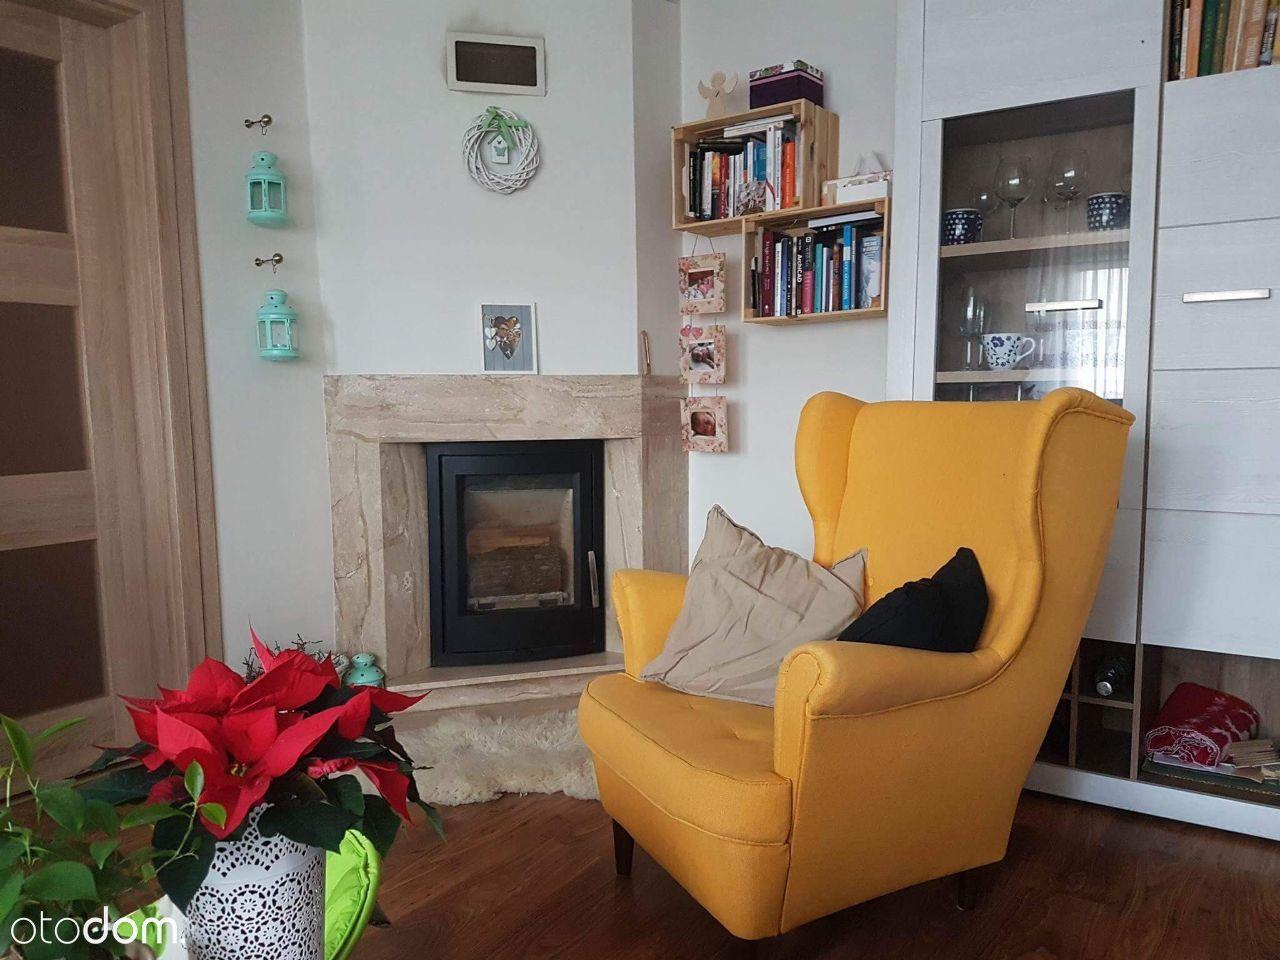 Wybitny 2 pokoje, mieszkanie na sprzedaż - Wrocław, Krzyki, Huby QT28